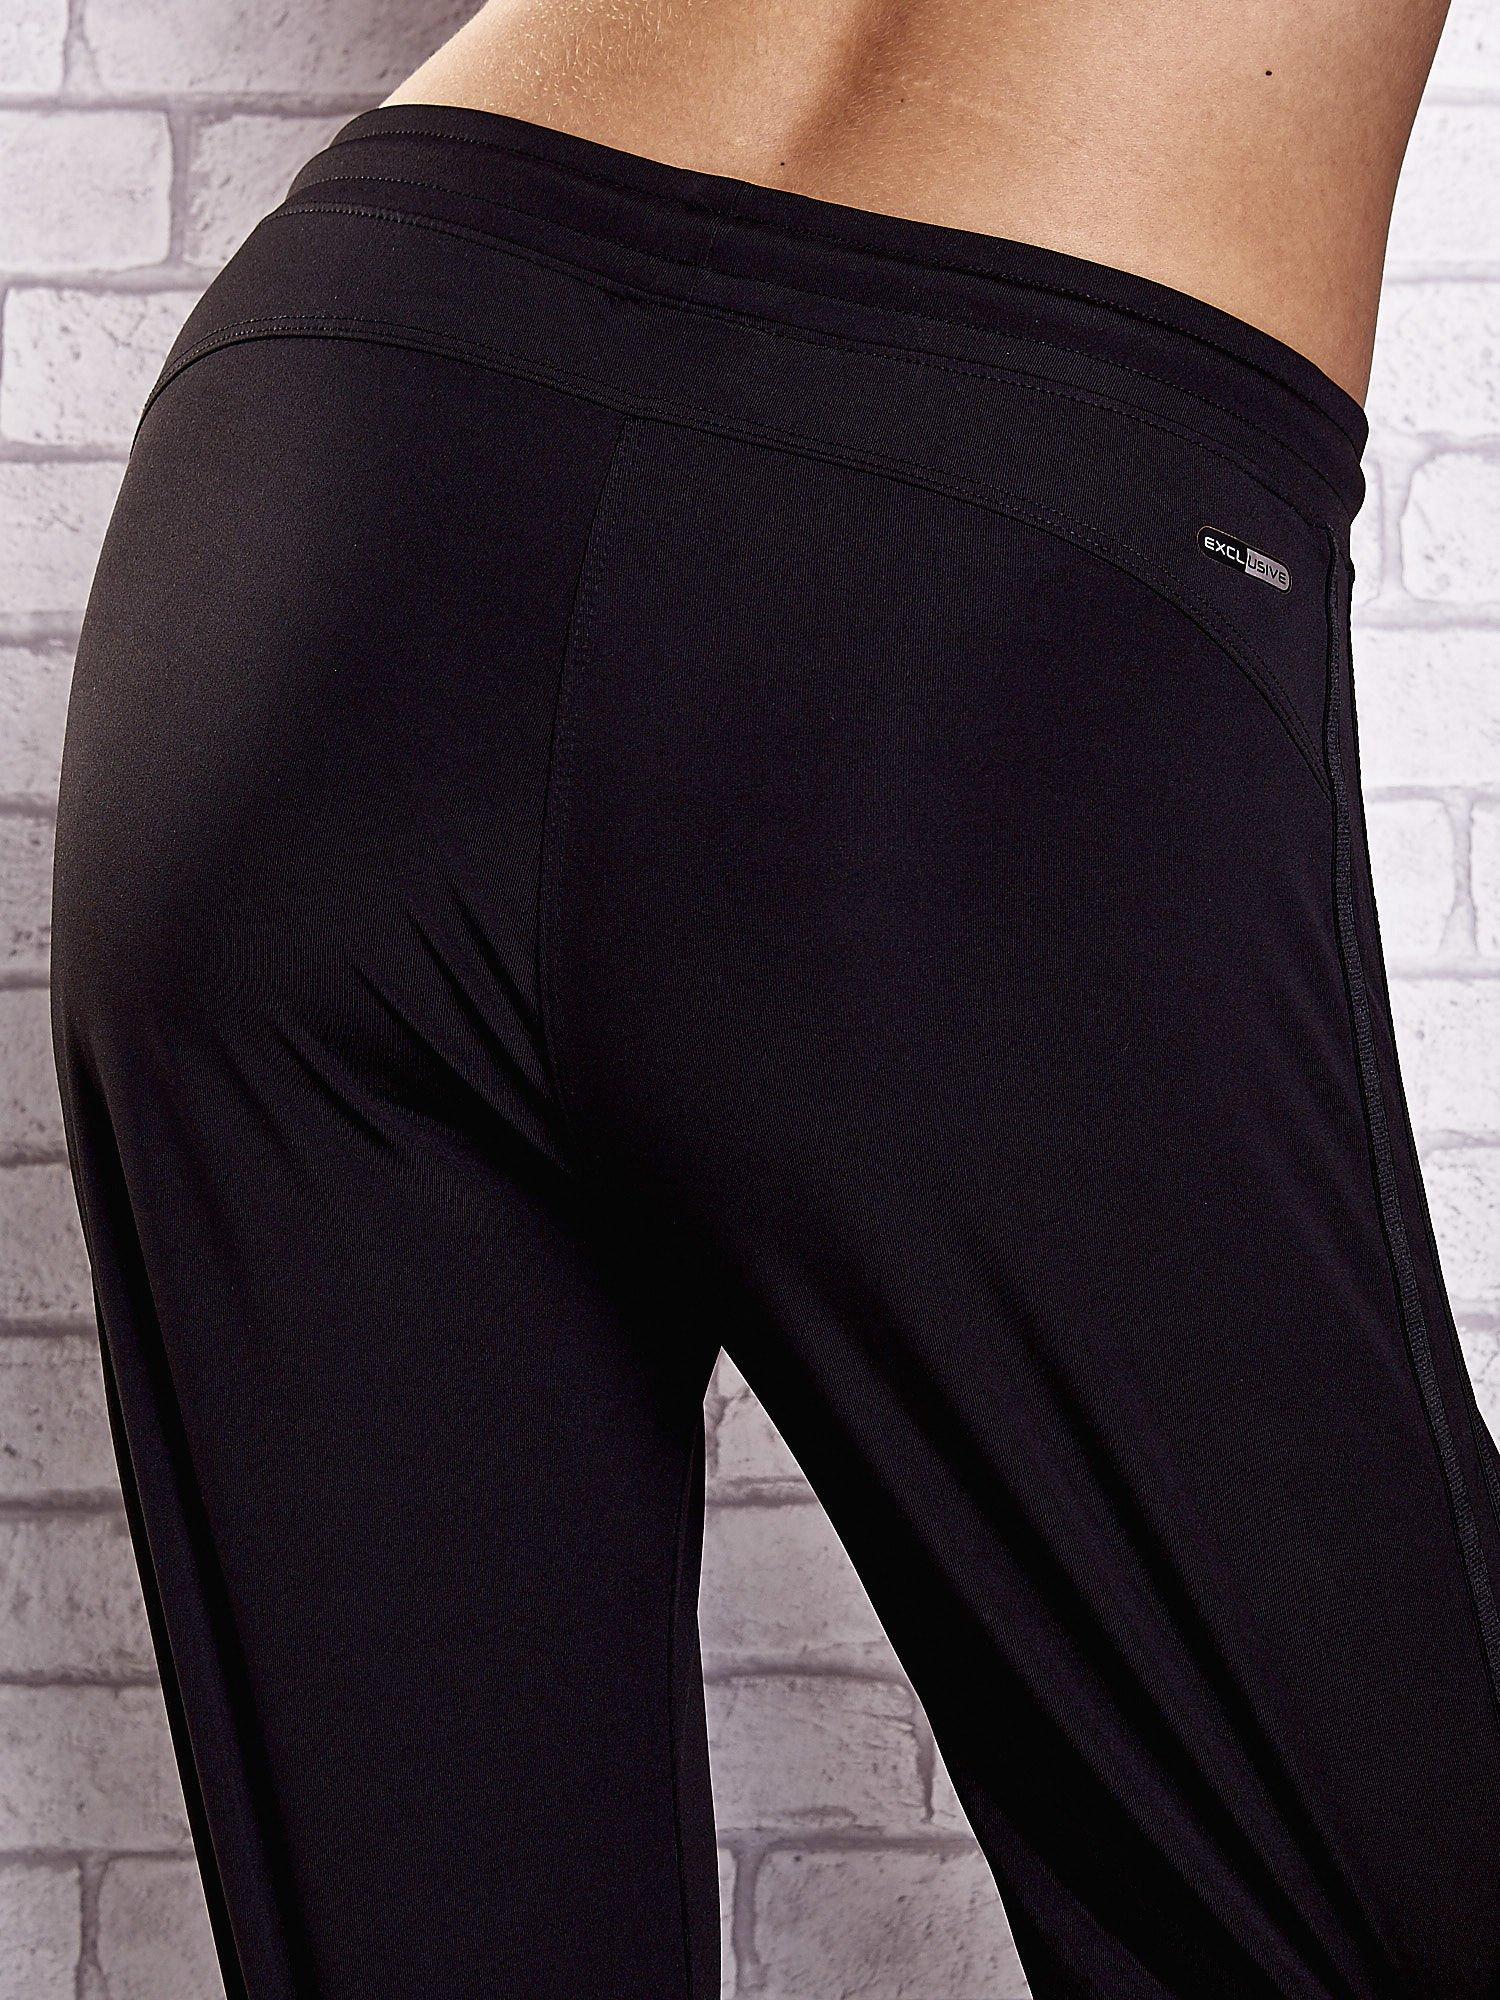 Czarne spodnie dresowe z kieszonką i ściągaczami                                  zdj.                                  6